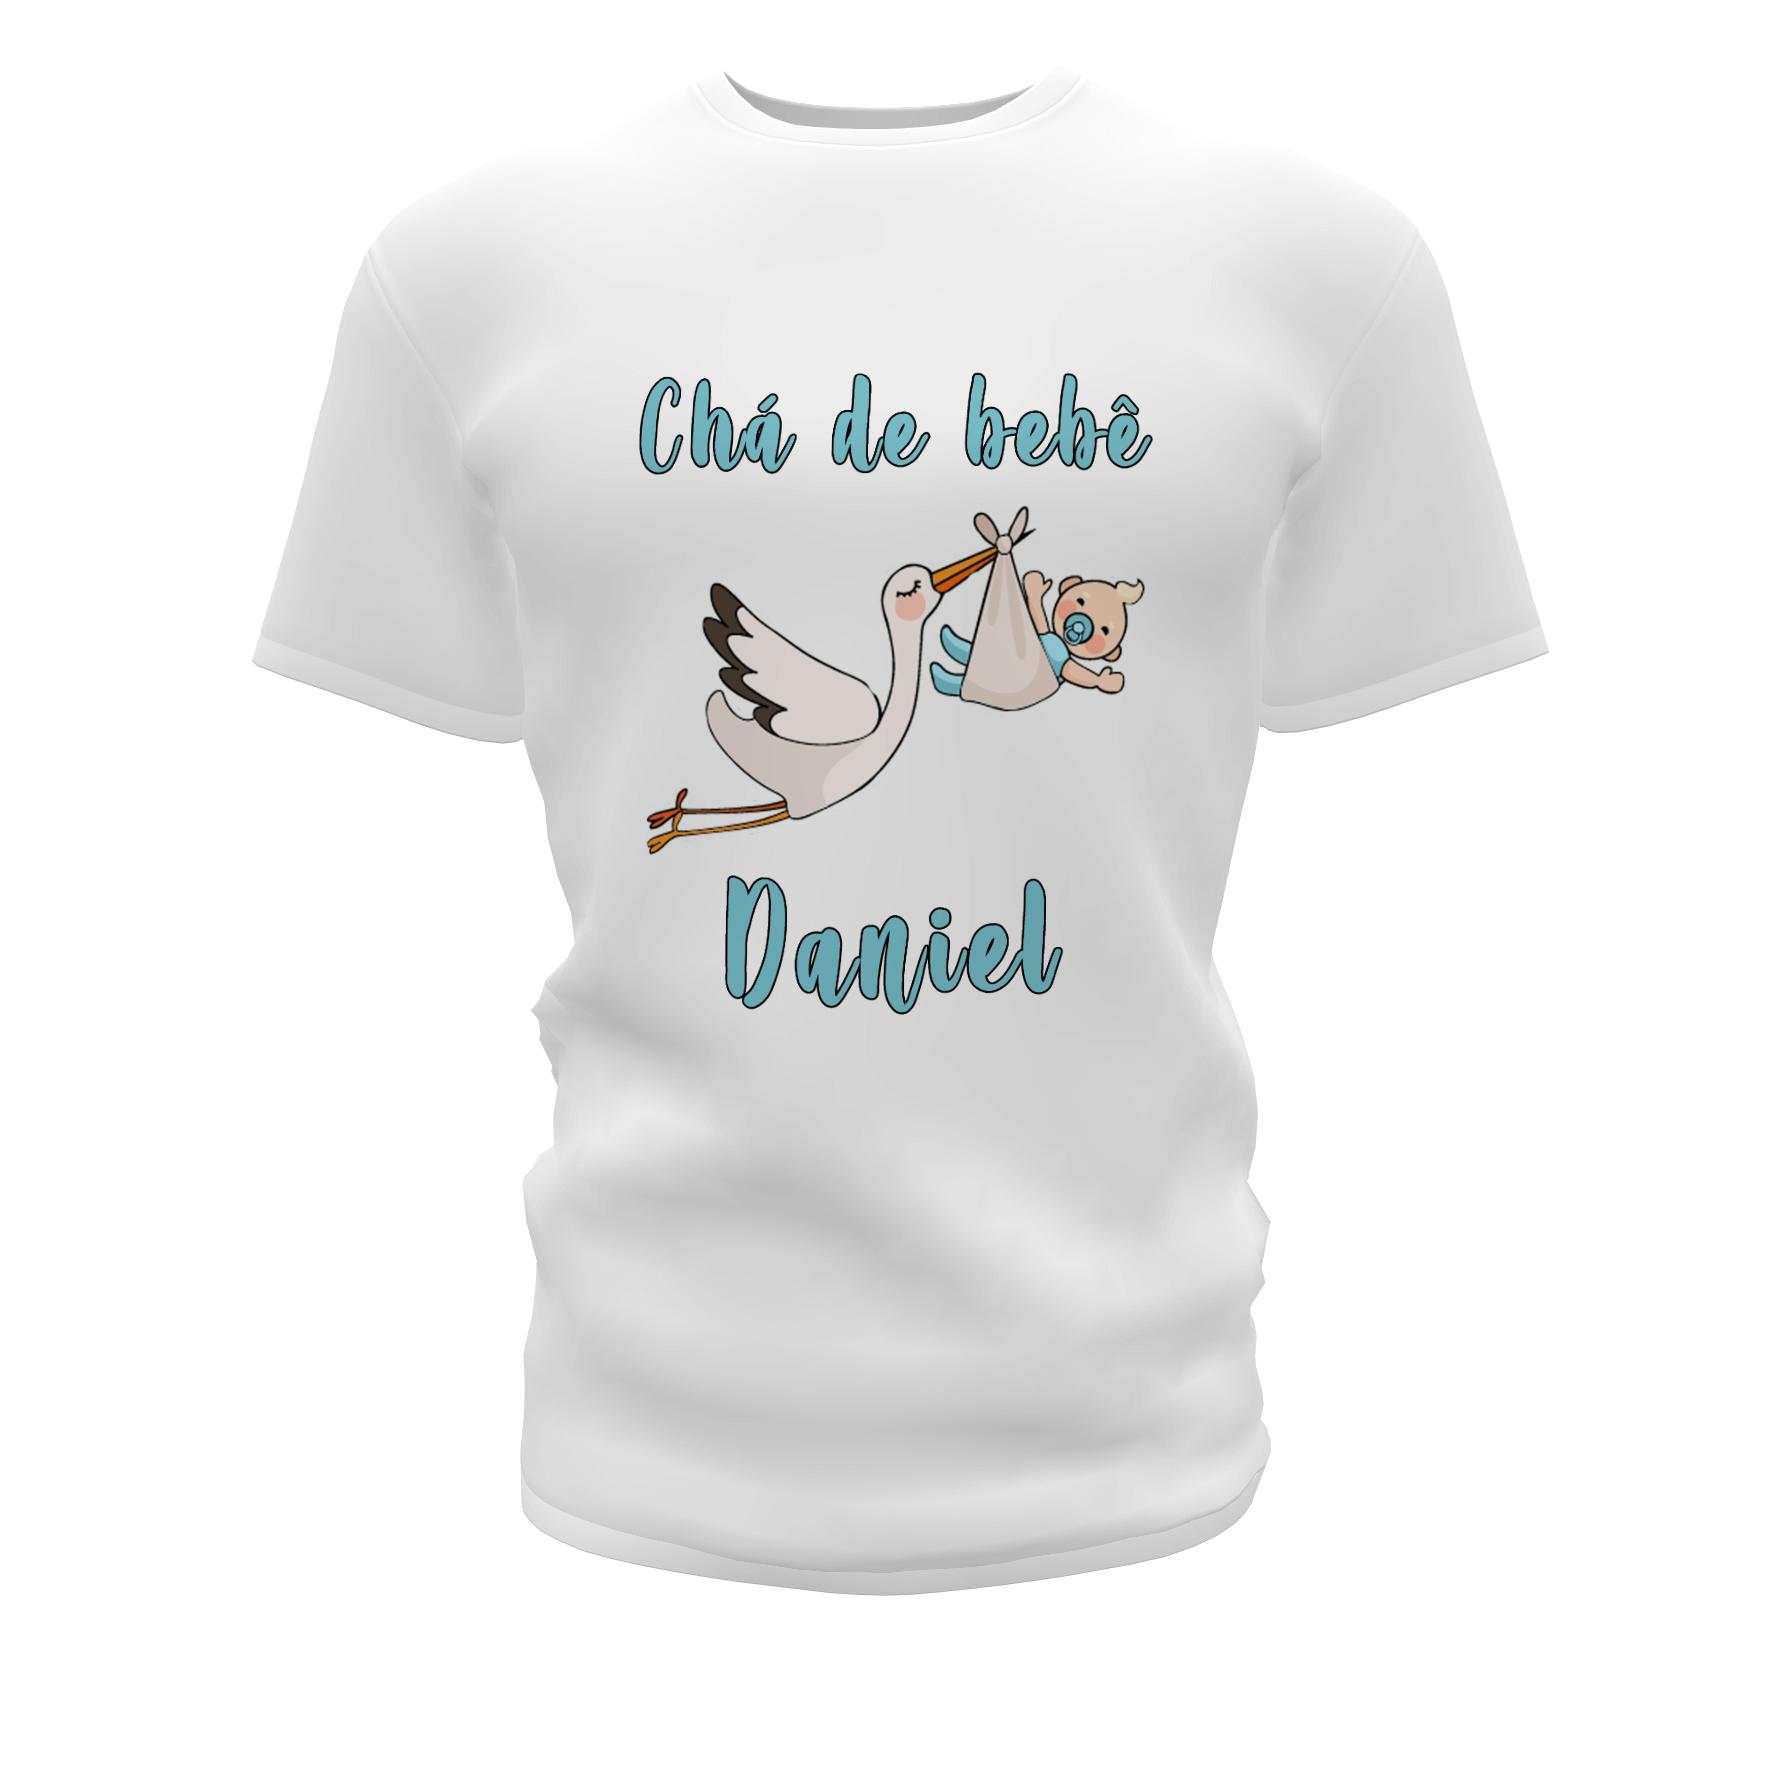 Camisetas Personalizadas para Chá de Bebê